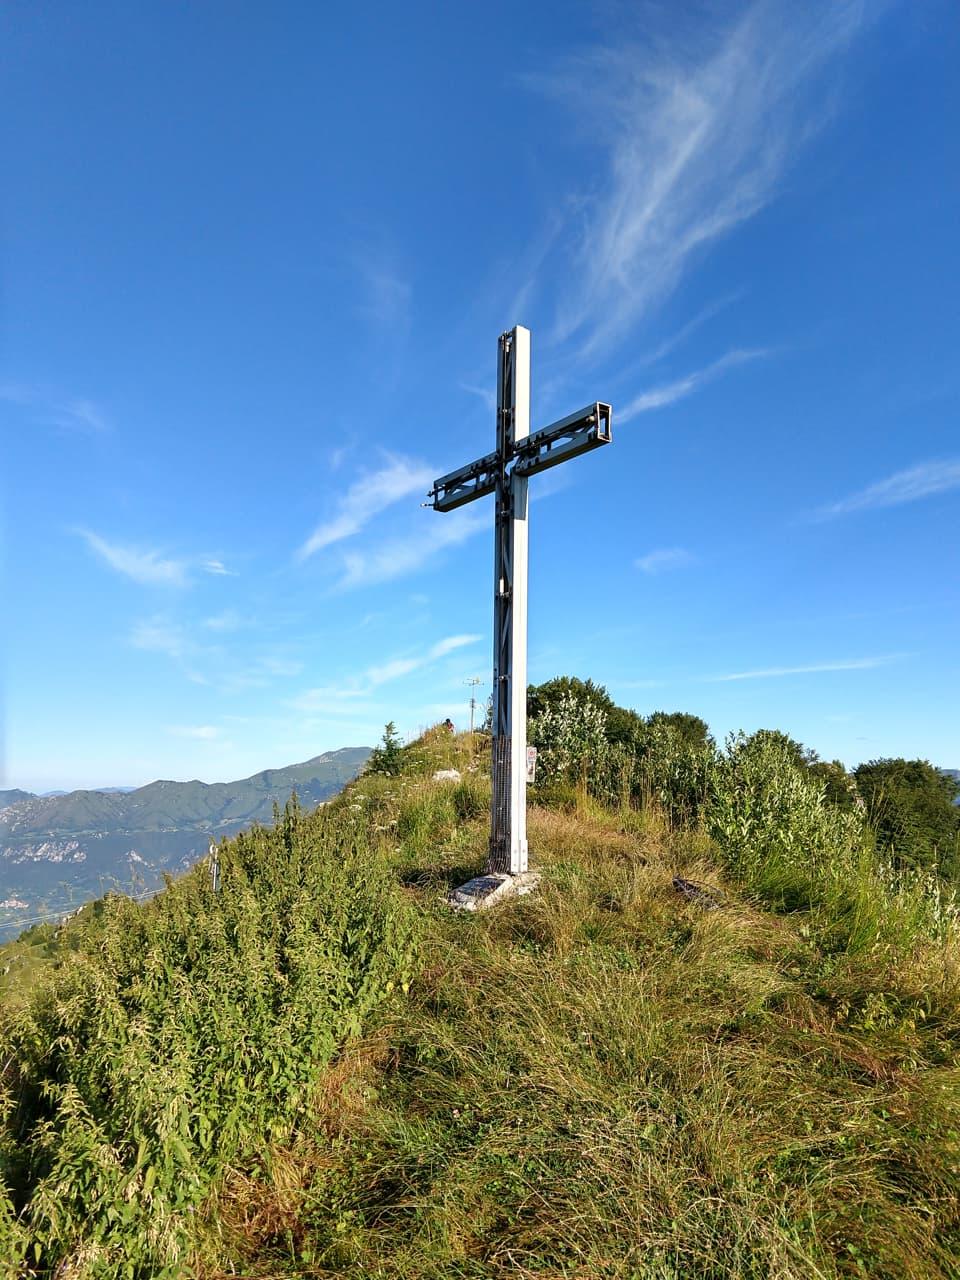 Ecco la Croce di Vetta della Corna di Savallo, qui siamo in territorio valsabbino